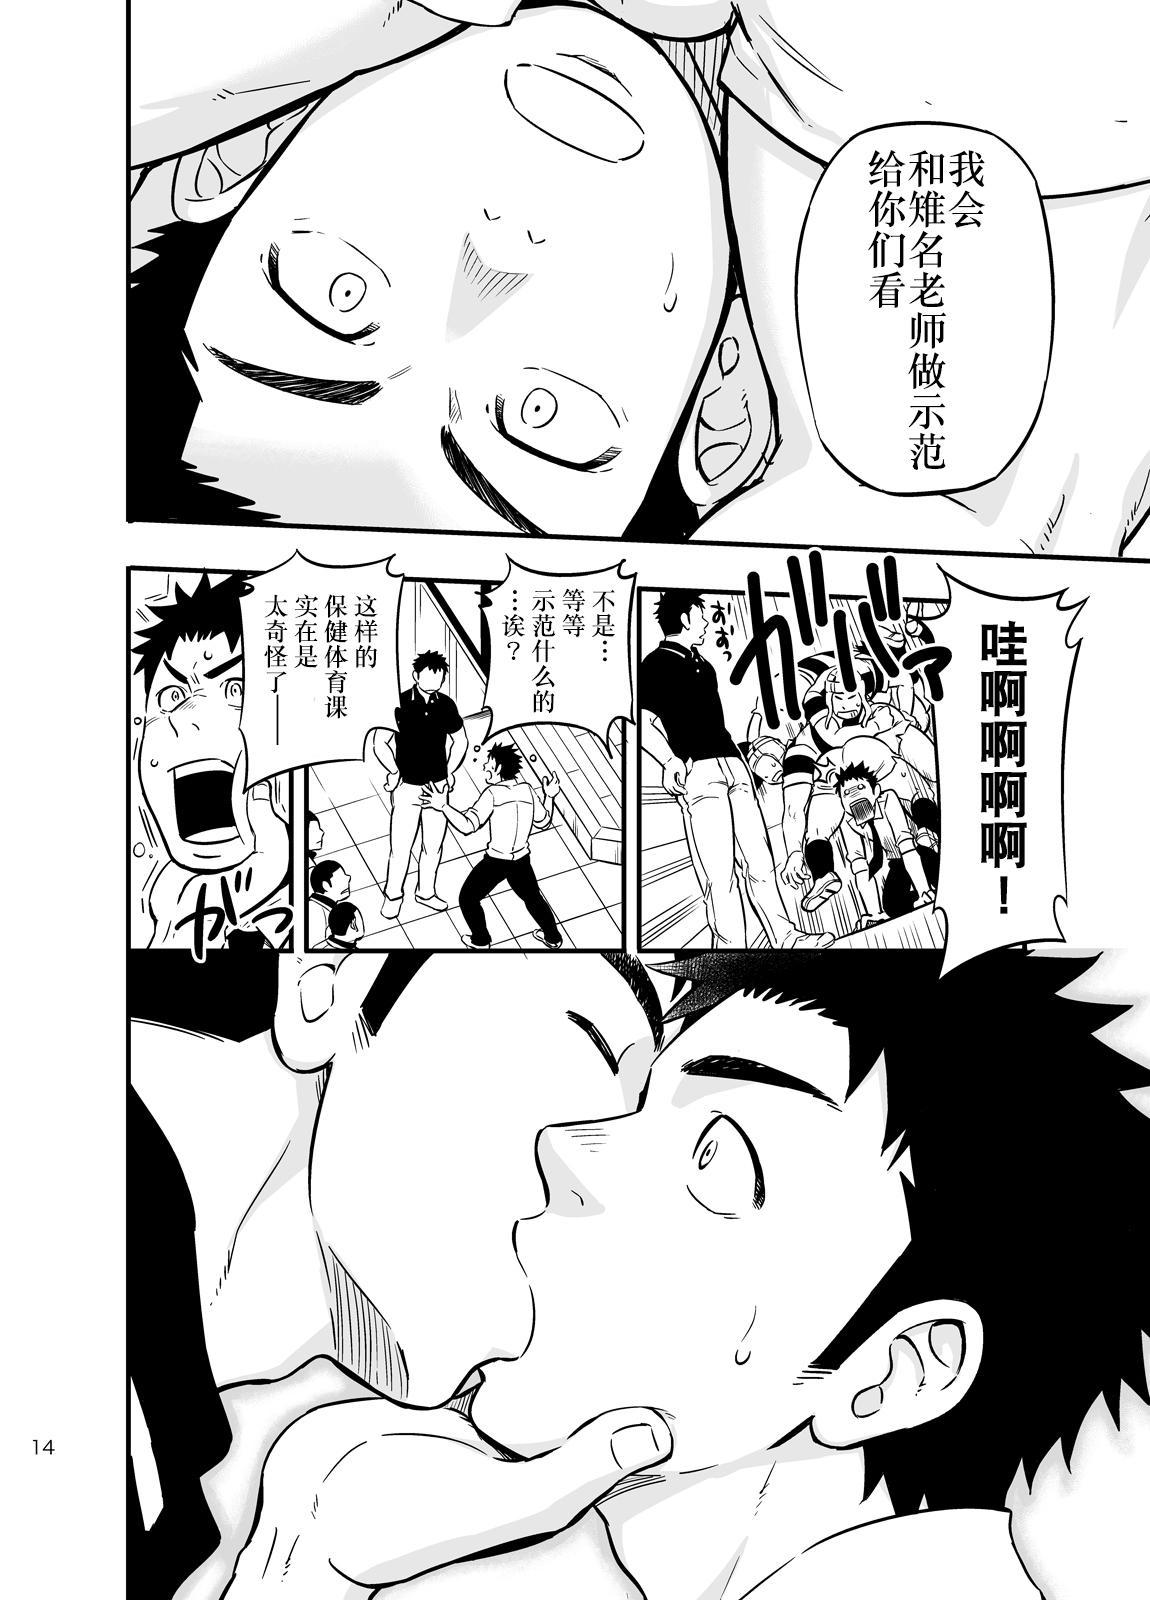 Moshimo Danshikou no Hoken Taiiku ga Jitsugi Ari Dattara 2 | 如果男校的保健体育课有实践环节的话 2 12